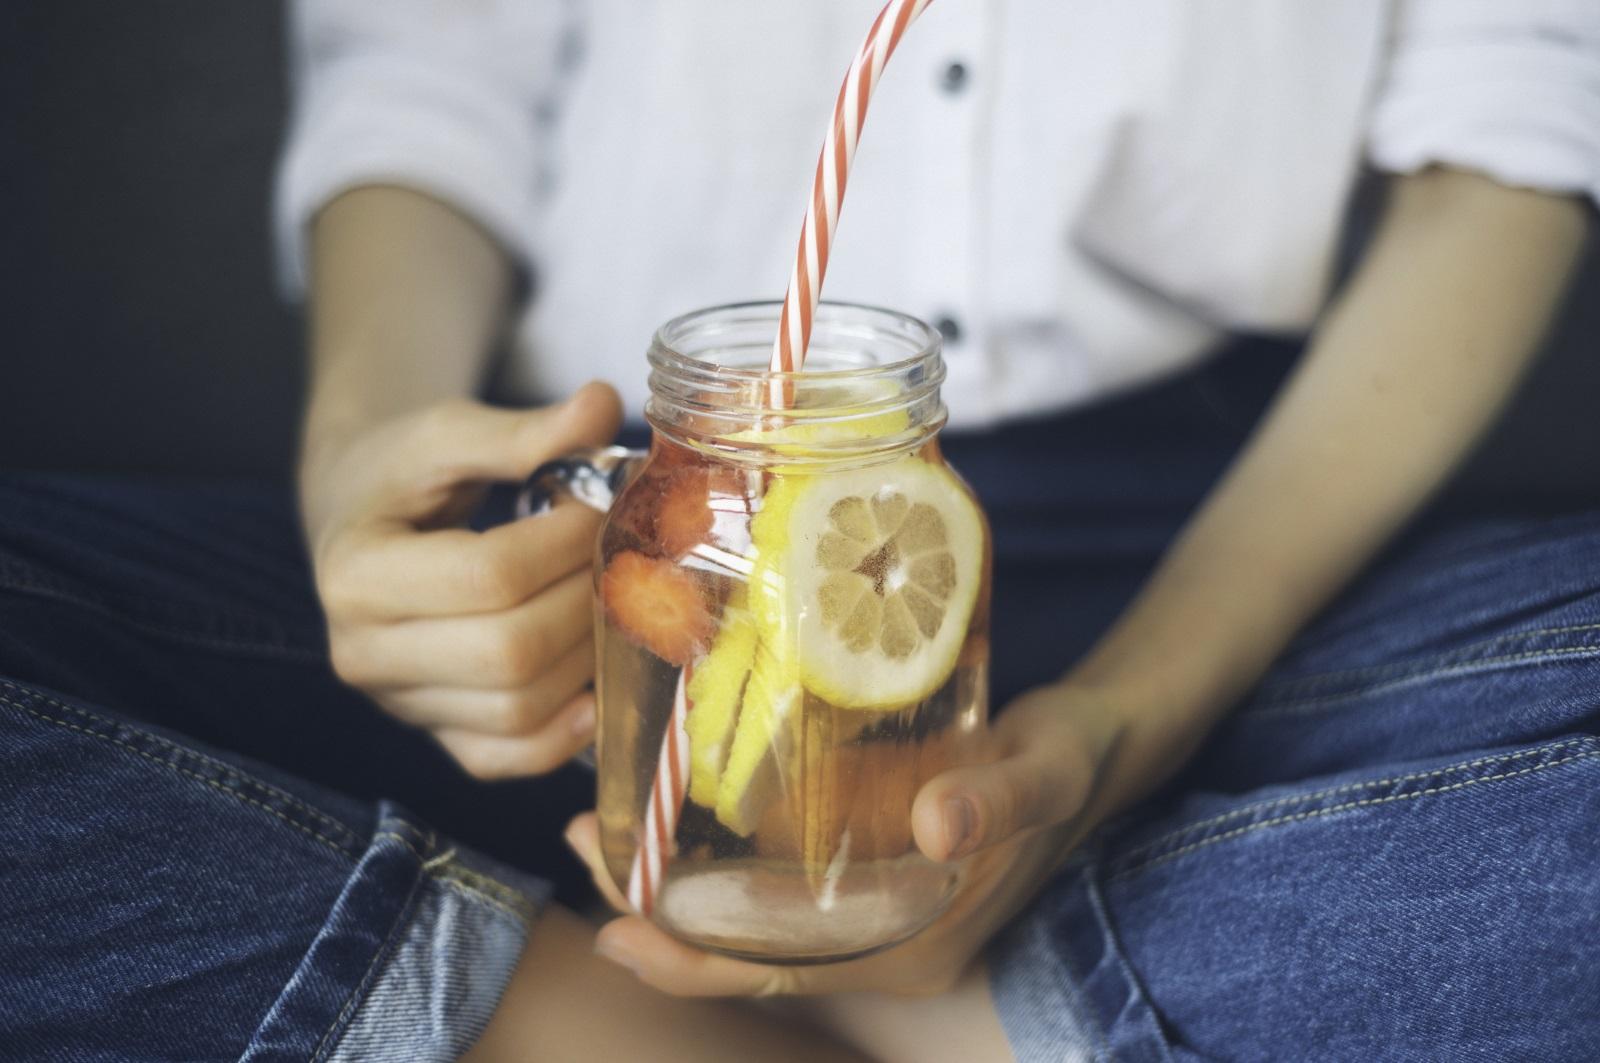 Загуба на килограми: Ако в продължение на 10 дни пиете само вода, ще отслабнете бързо, защото ще топите толкова калории, все едно тичате по 8 километра всеки ден.